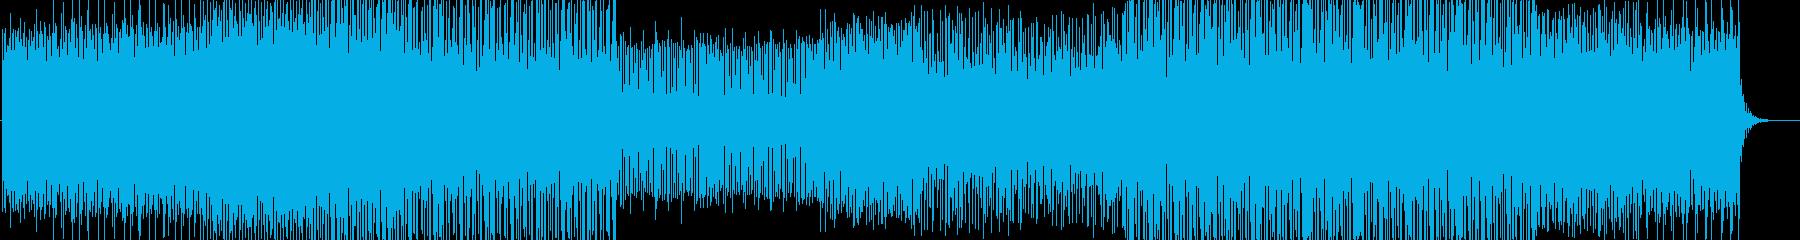 報道-ドキュメント-IT-夜-医療-AIの再生済みの波形